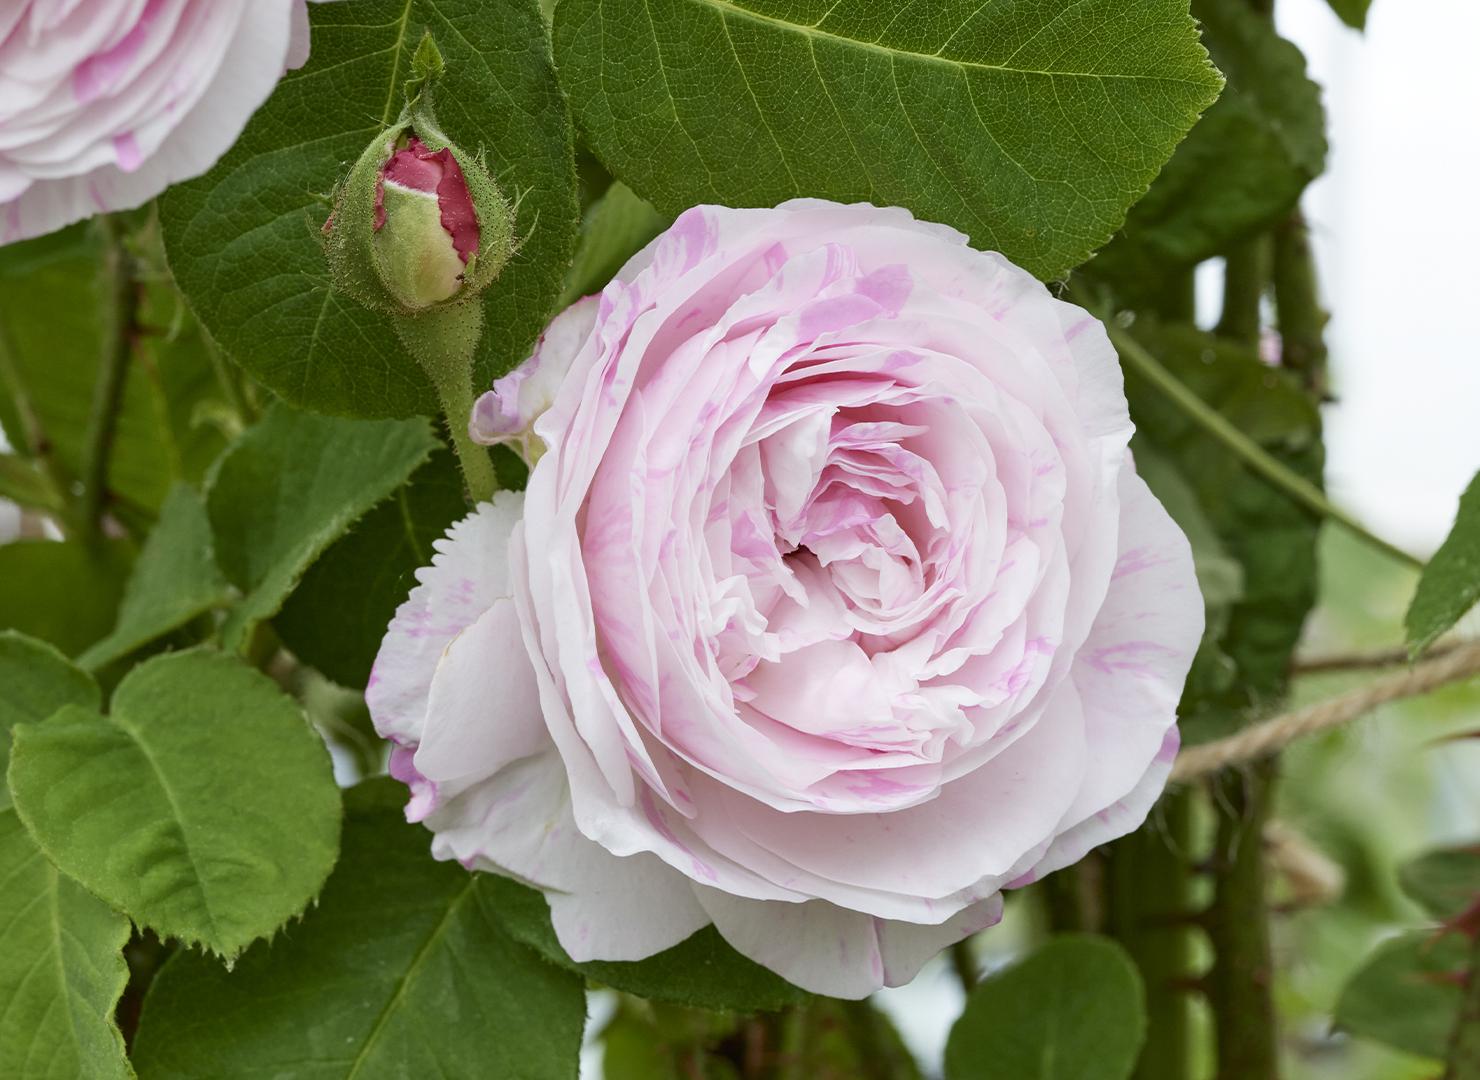 ロサ ケンティフォリア バリエガタ - Rosa centifolia variegata